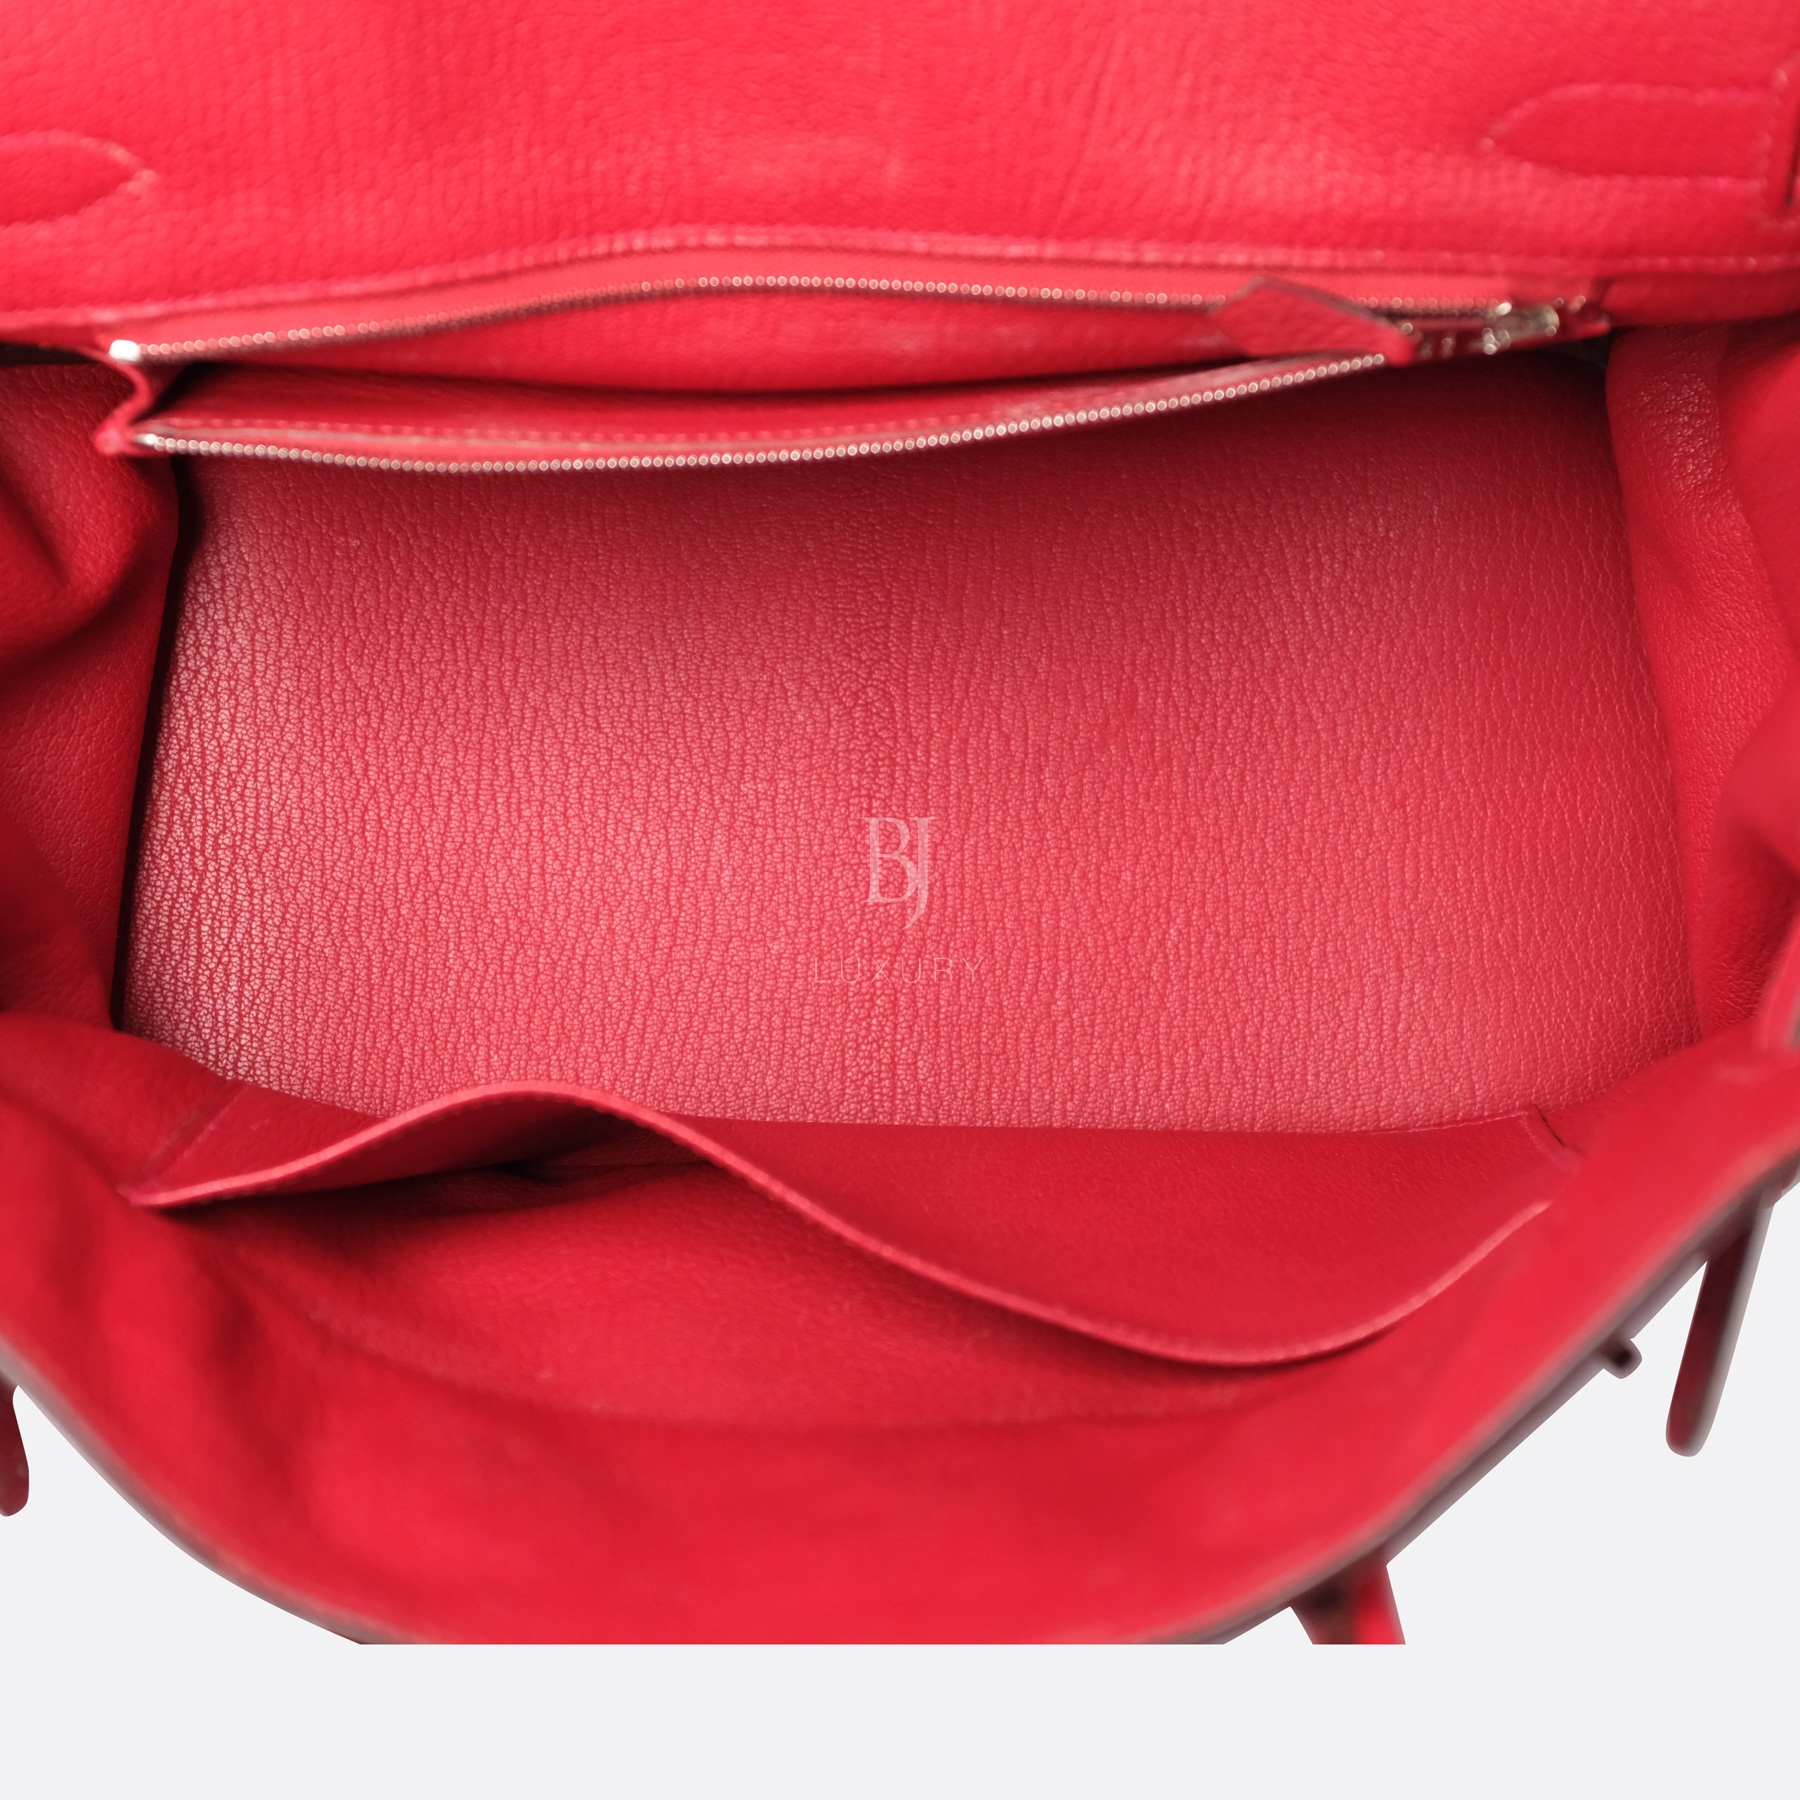 Hermes Birkin 30 Rouge Casaque Clemence Palladium BJ Luxury 9.jpg